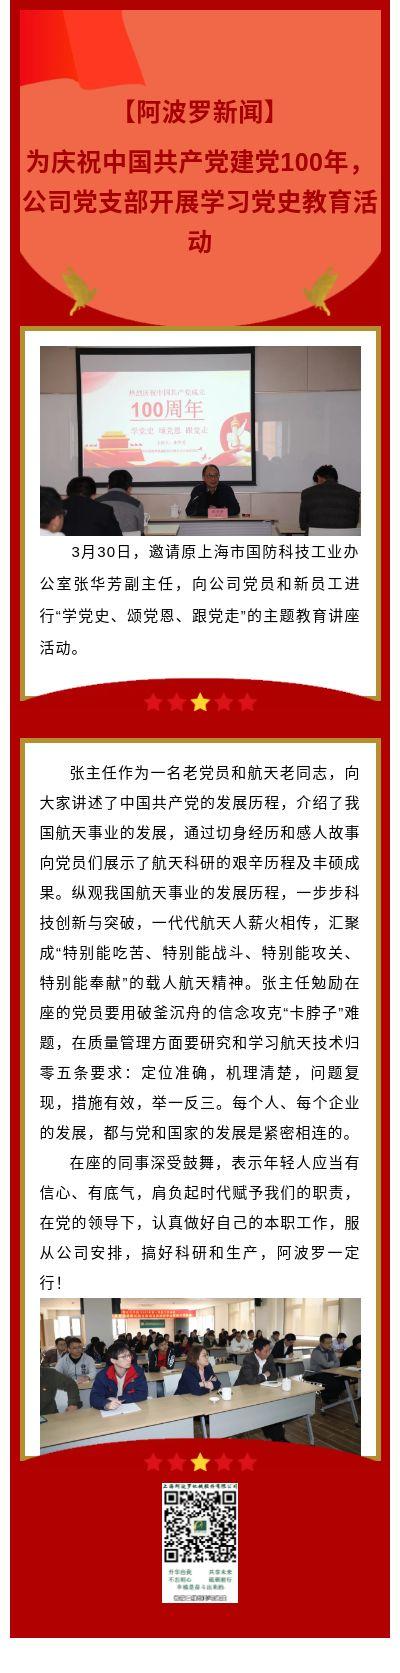 【阿波羅新聞】為慶祝中國共產黨建黨100年,公司黨支部開展學習黨史教育活動